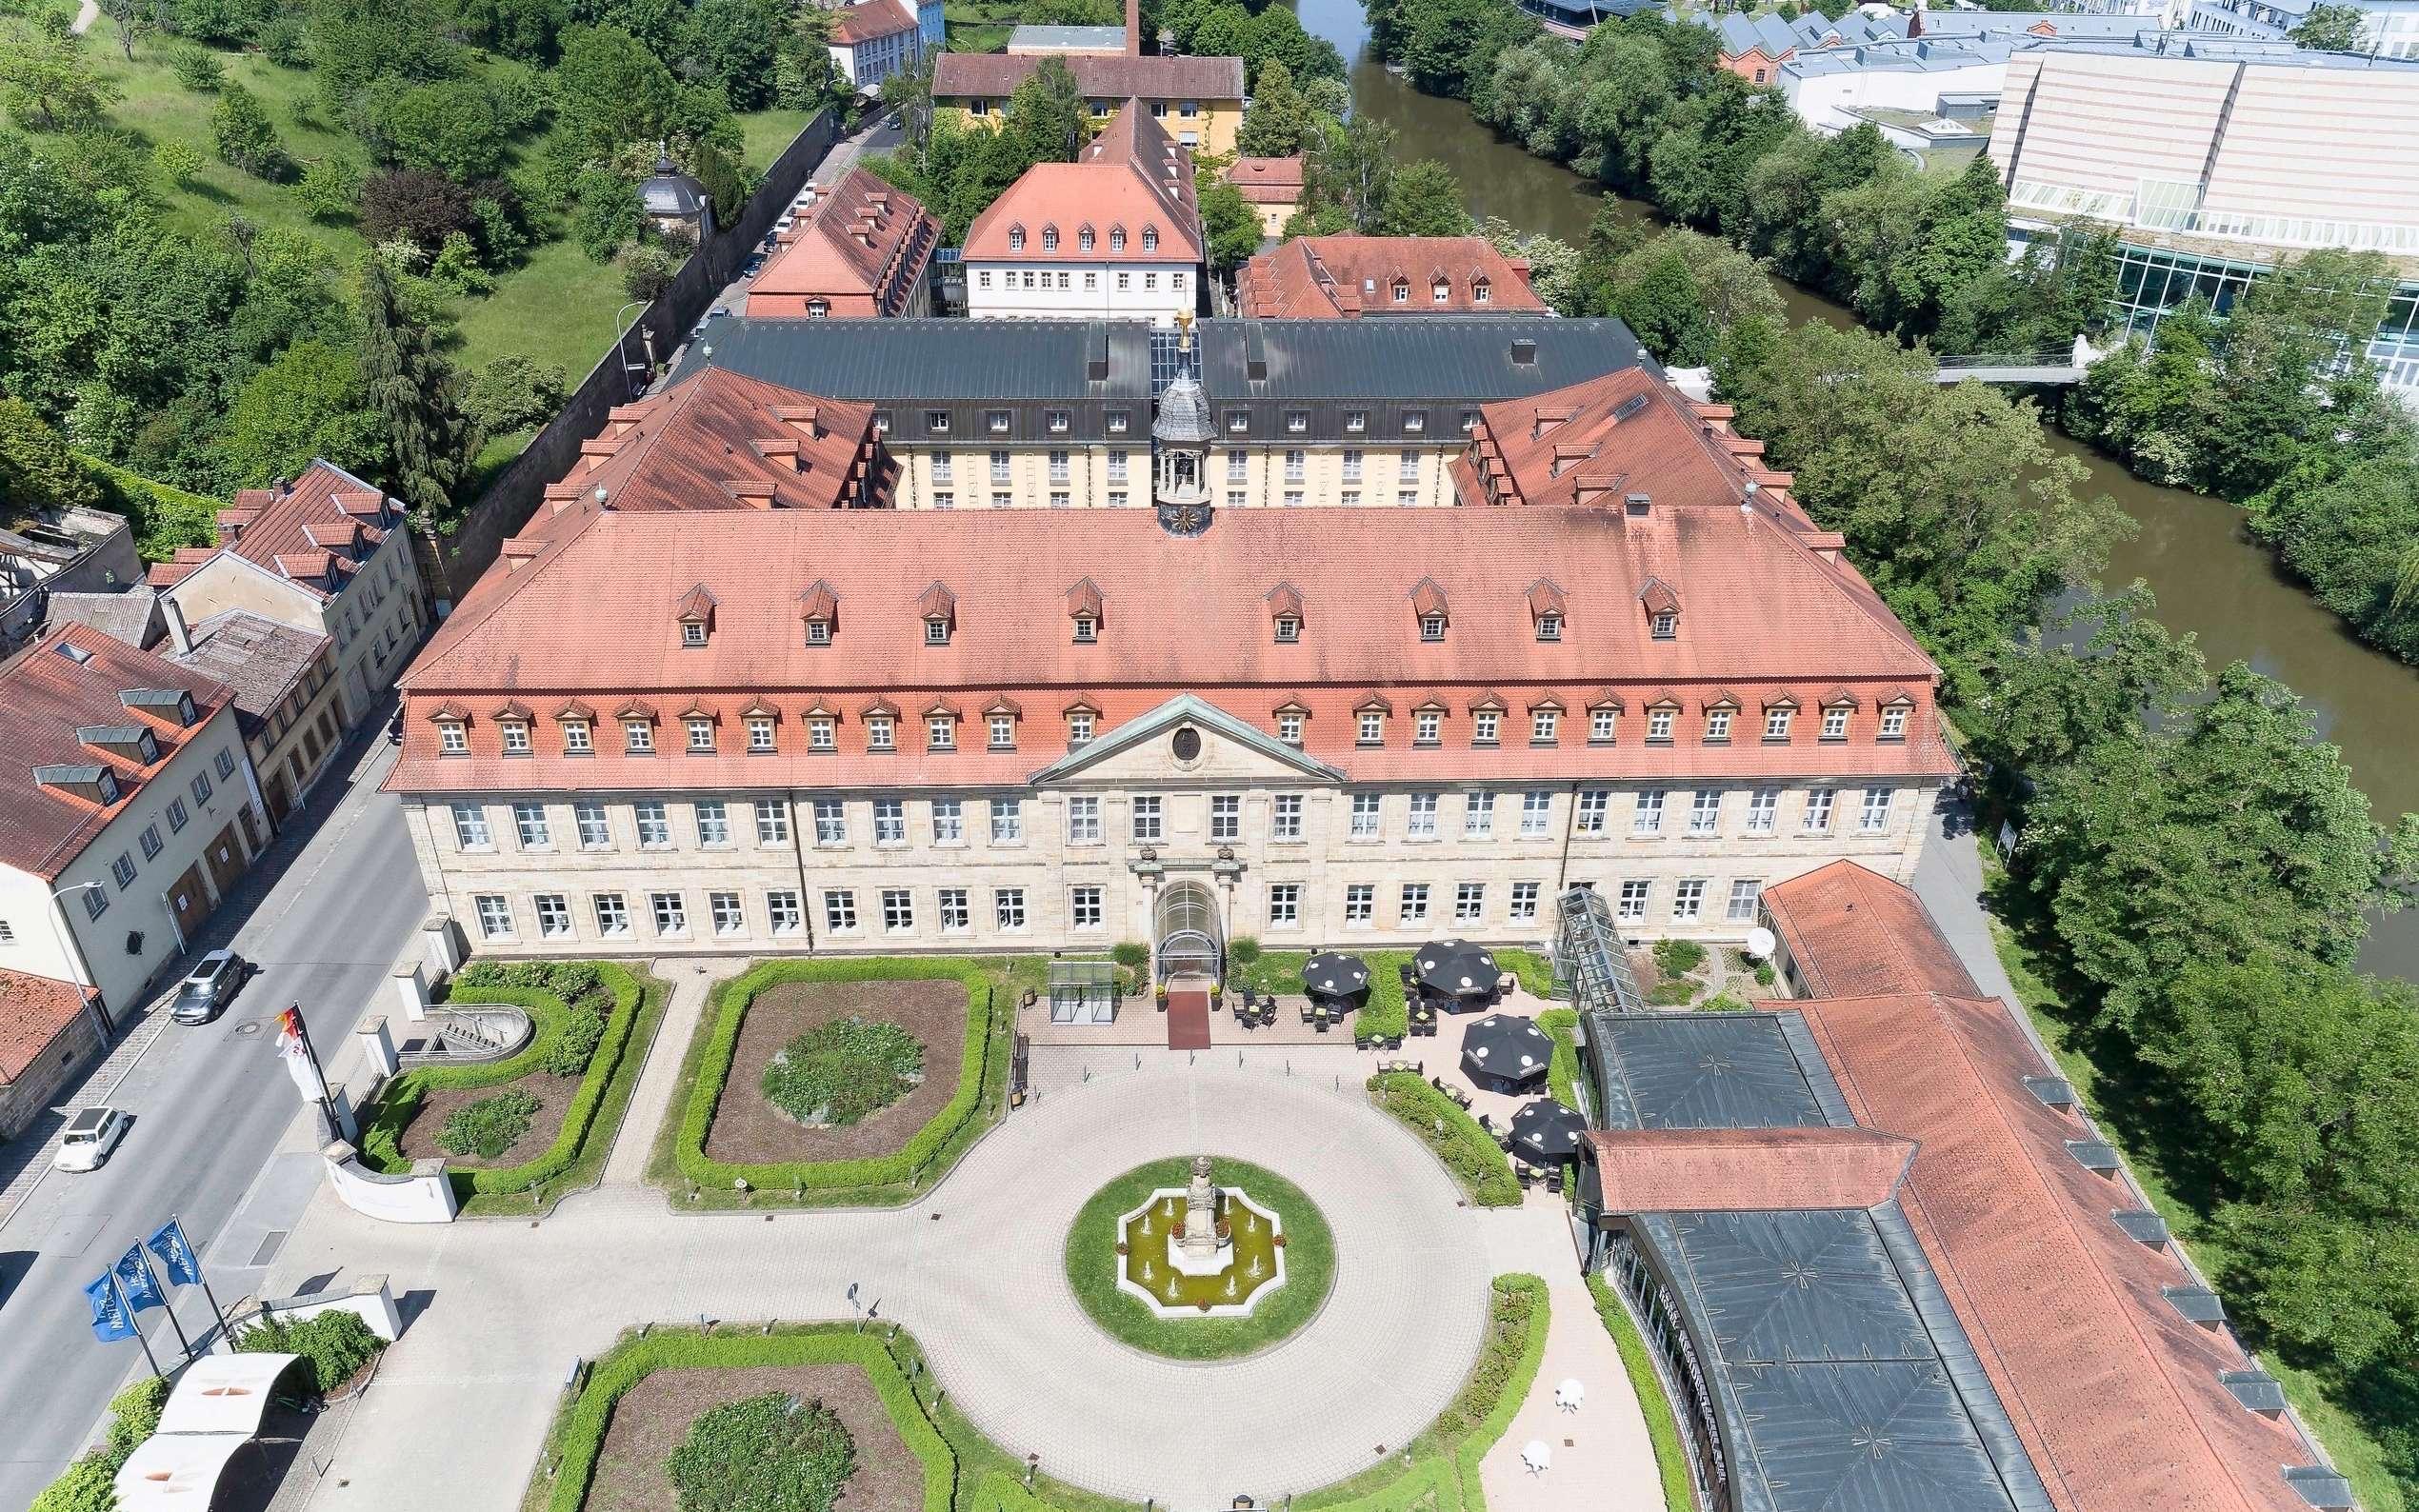 hotel residenzschloss bamberg